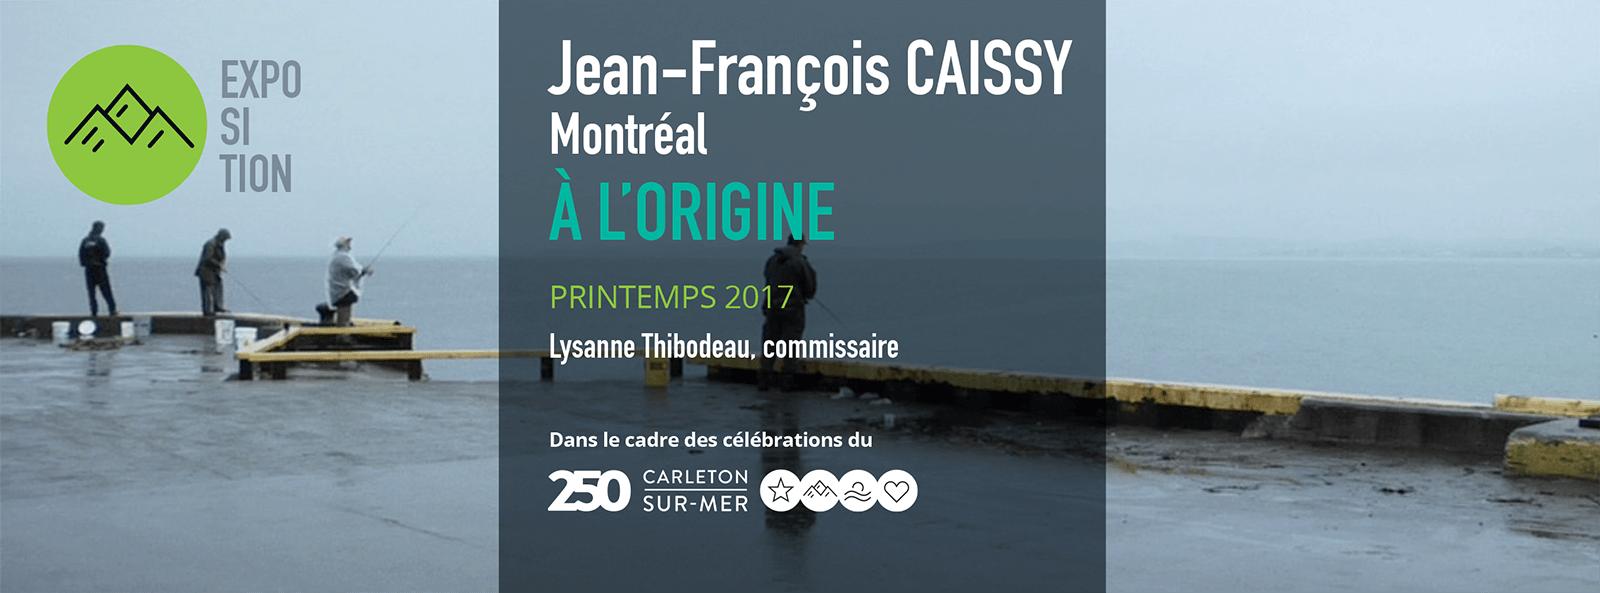 Jean-François CAISSY   À L'ORIGINE   Installation vidéo